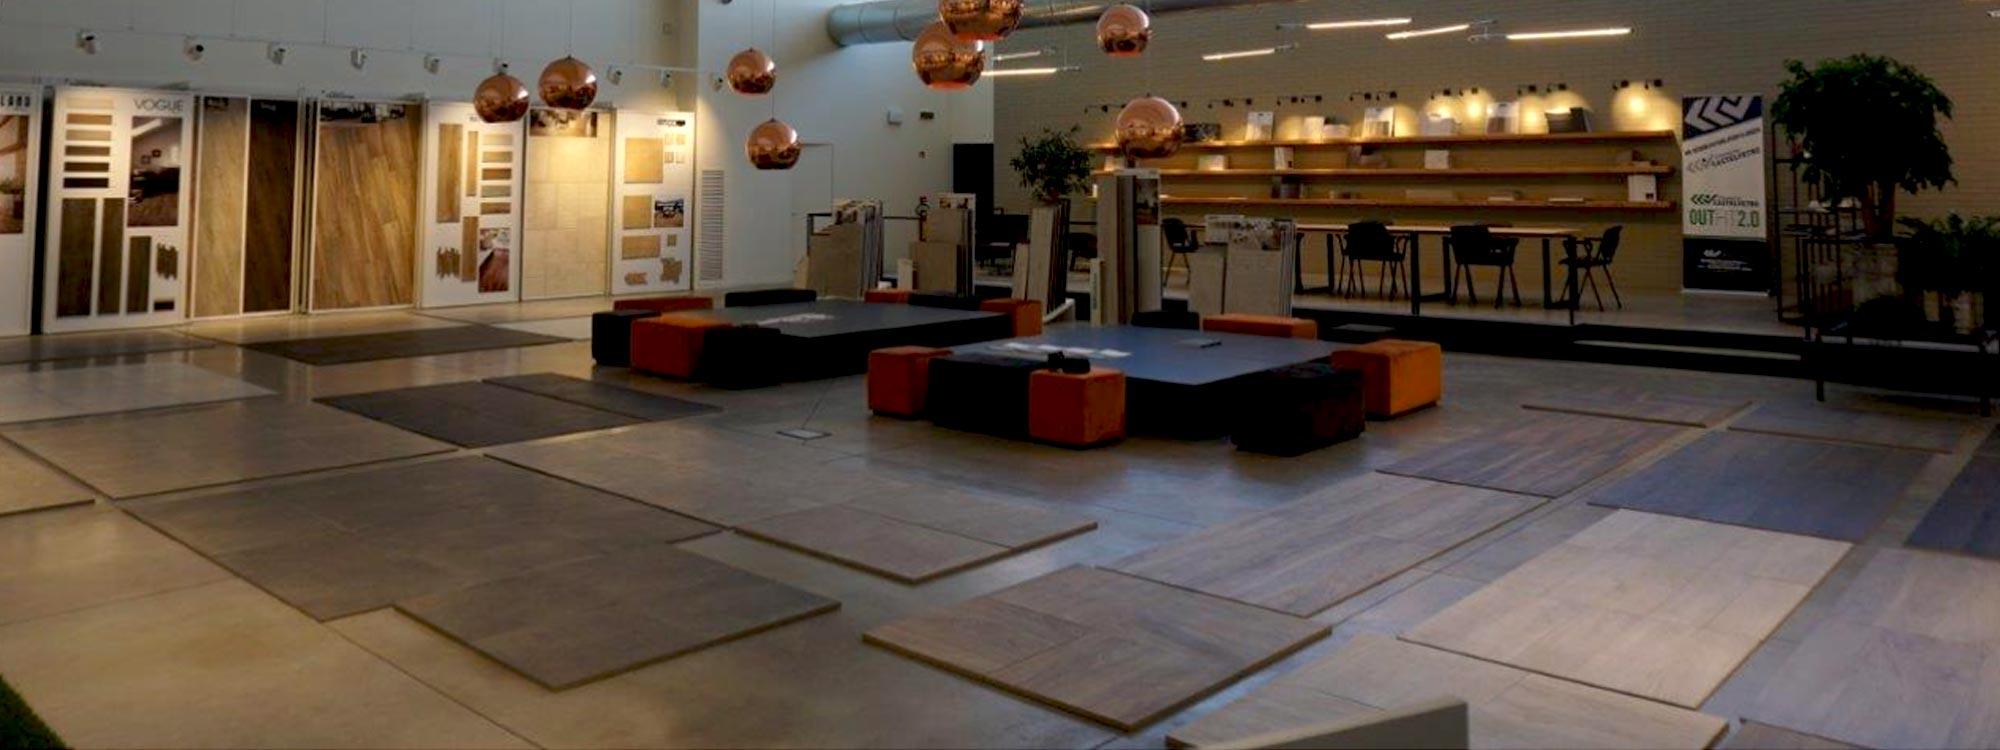 Listino Prezzi Ceramica Vogue.Ceramiche Castelvetro Pavimenti E Rivestimenti In Gres